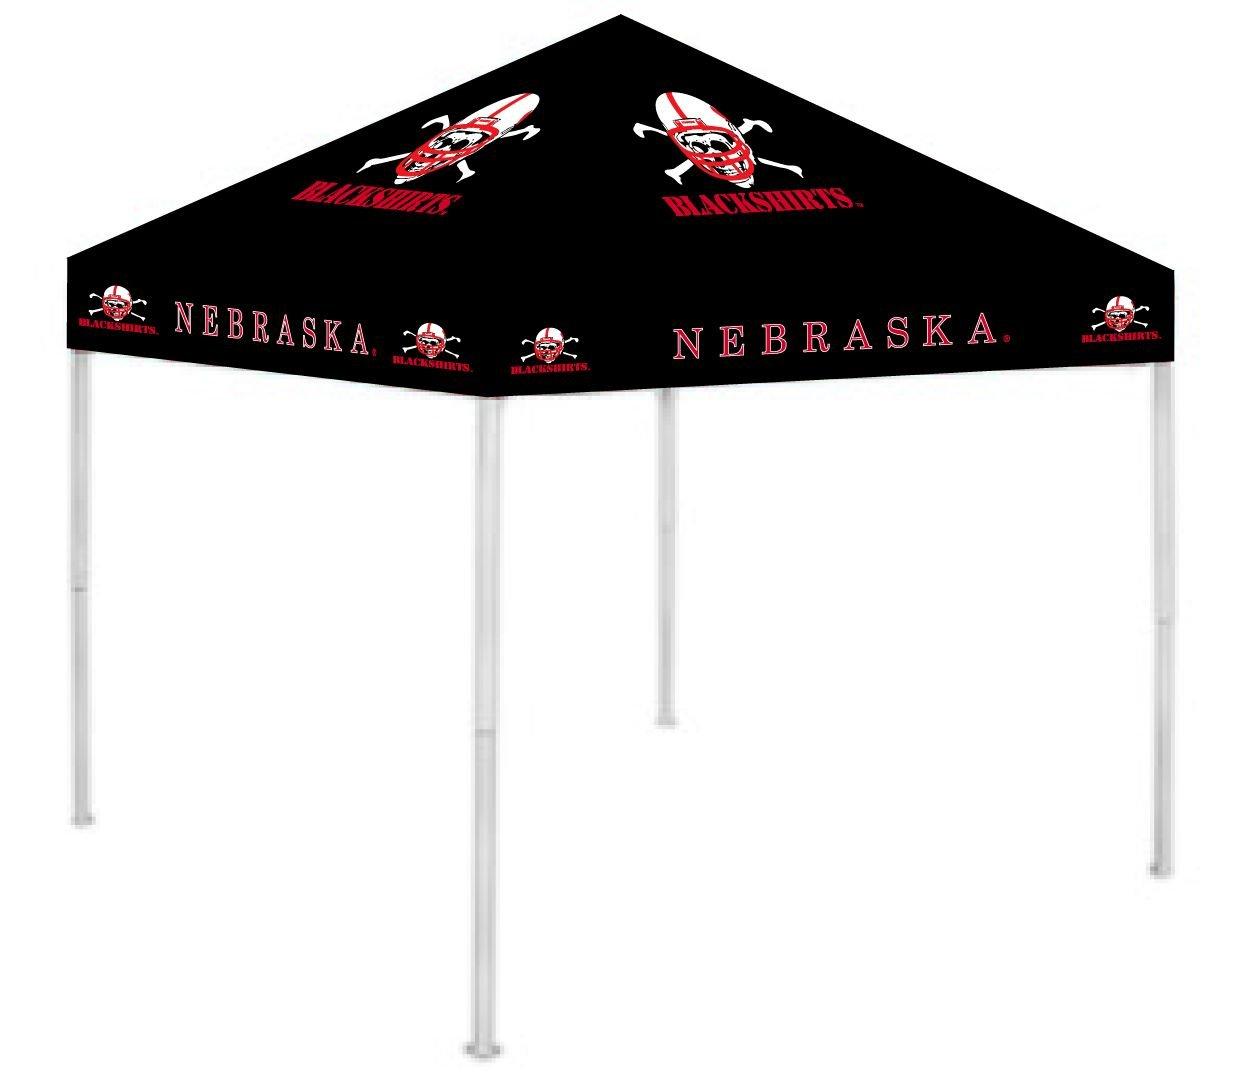 Rivalry RV288-5050 Nebraska Canopy - Blackshirts - ONLY fits a Rivalry 9X9 Frame B002UR7MFC 9 x 9|Nebraska Blackshirts Nebraska Blackshirts 9 x 9